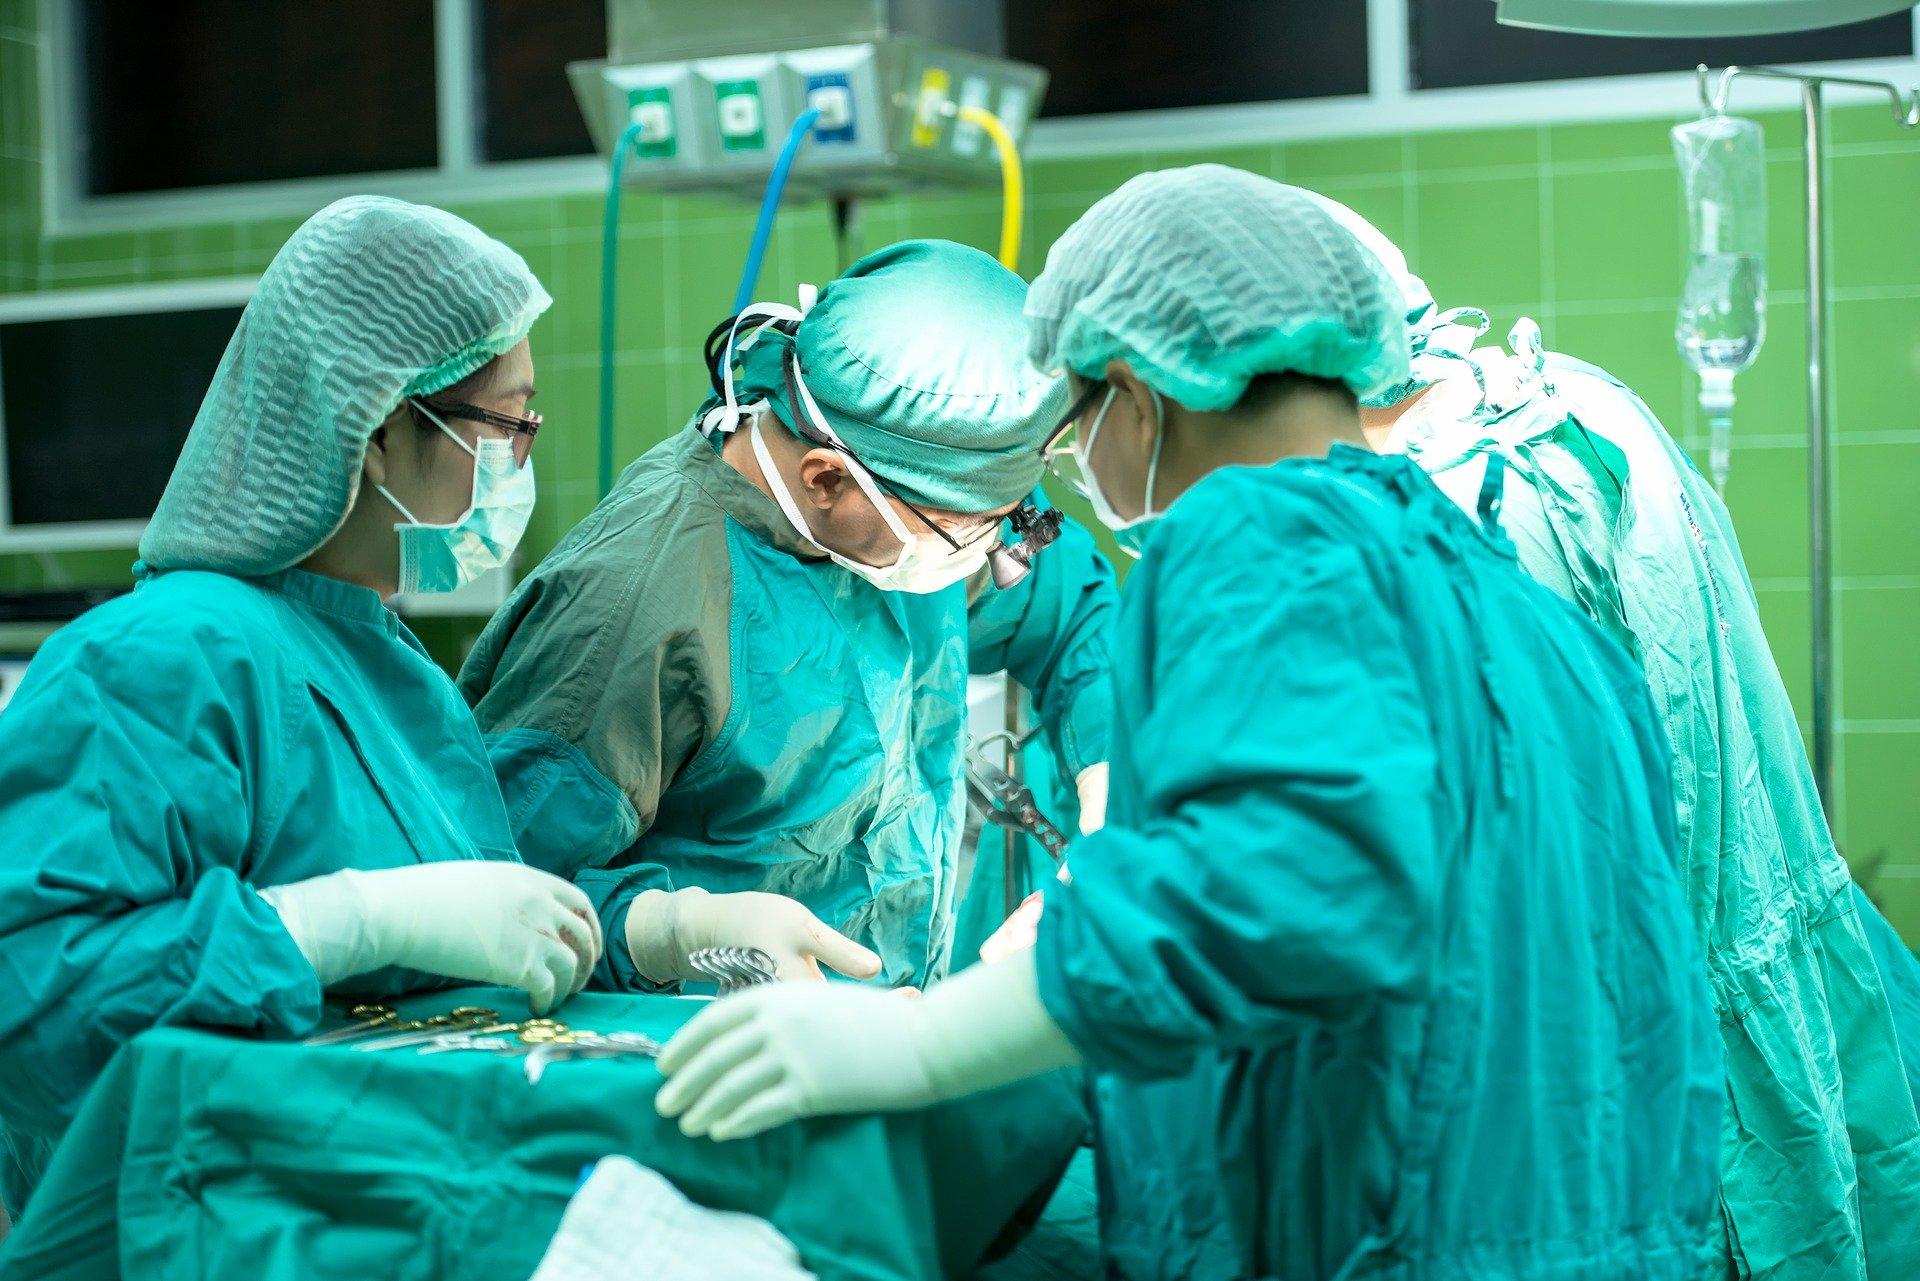 コロナ感染しながら手術をうけたら?